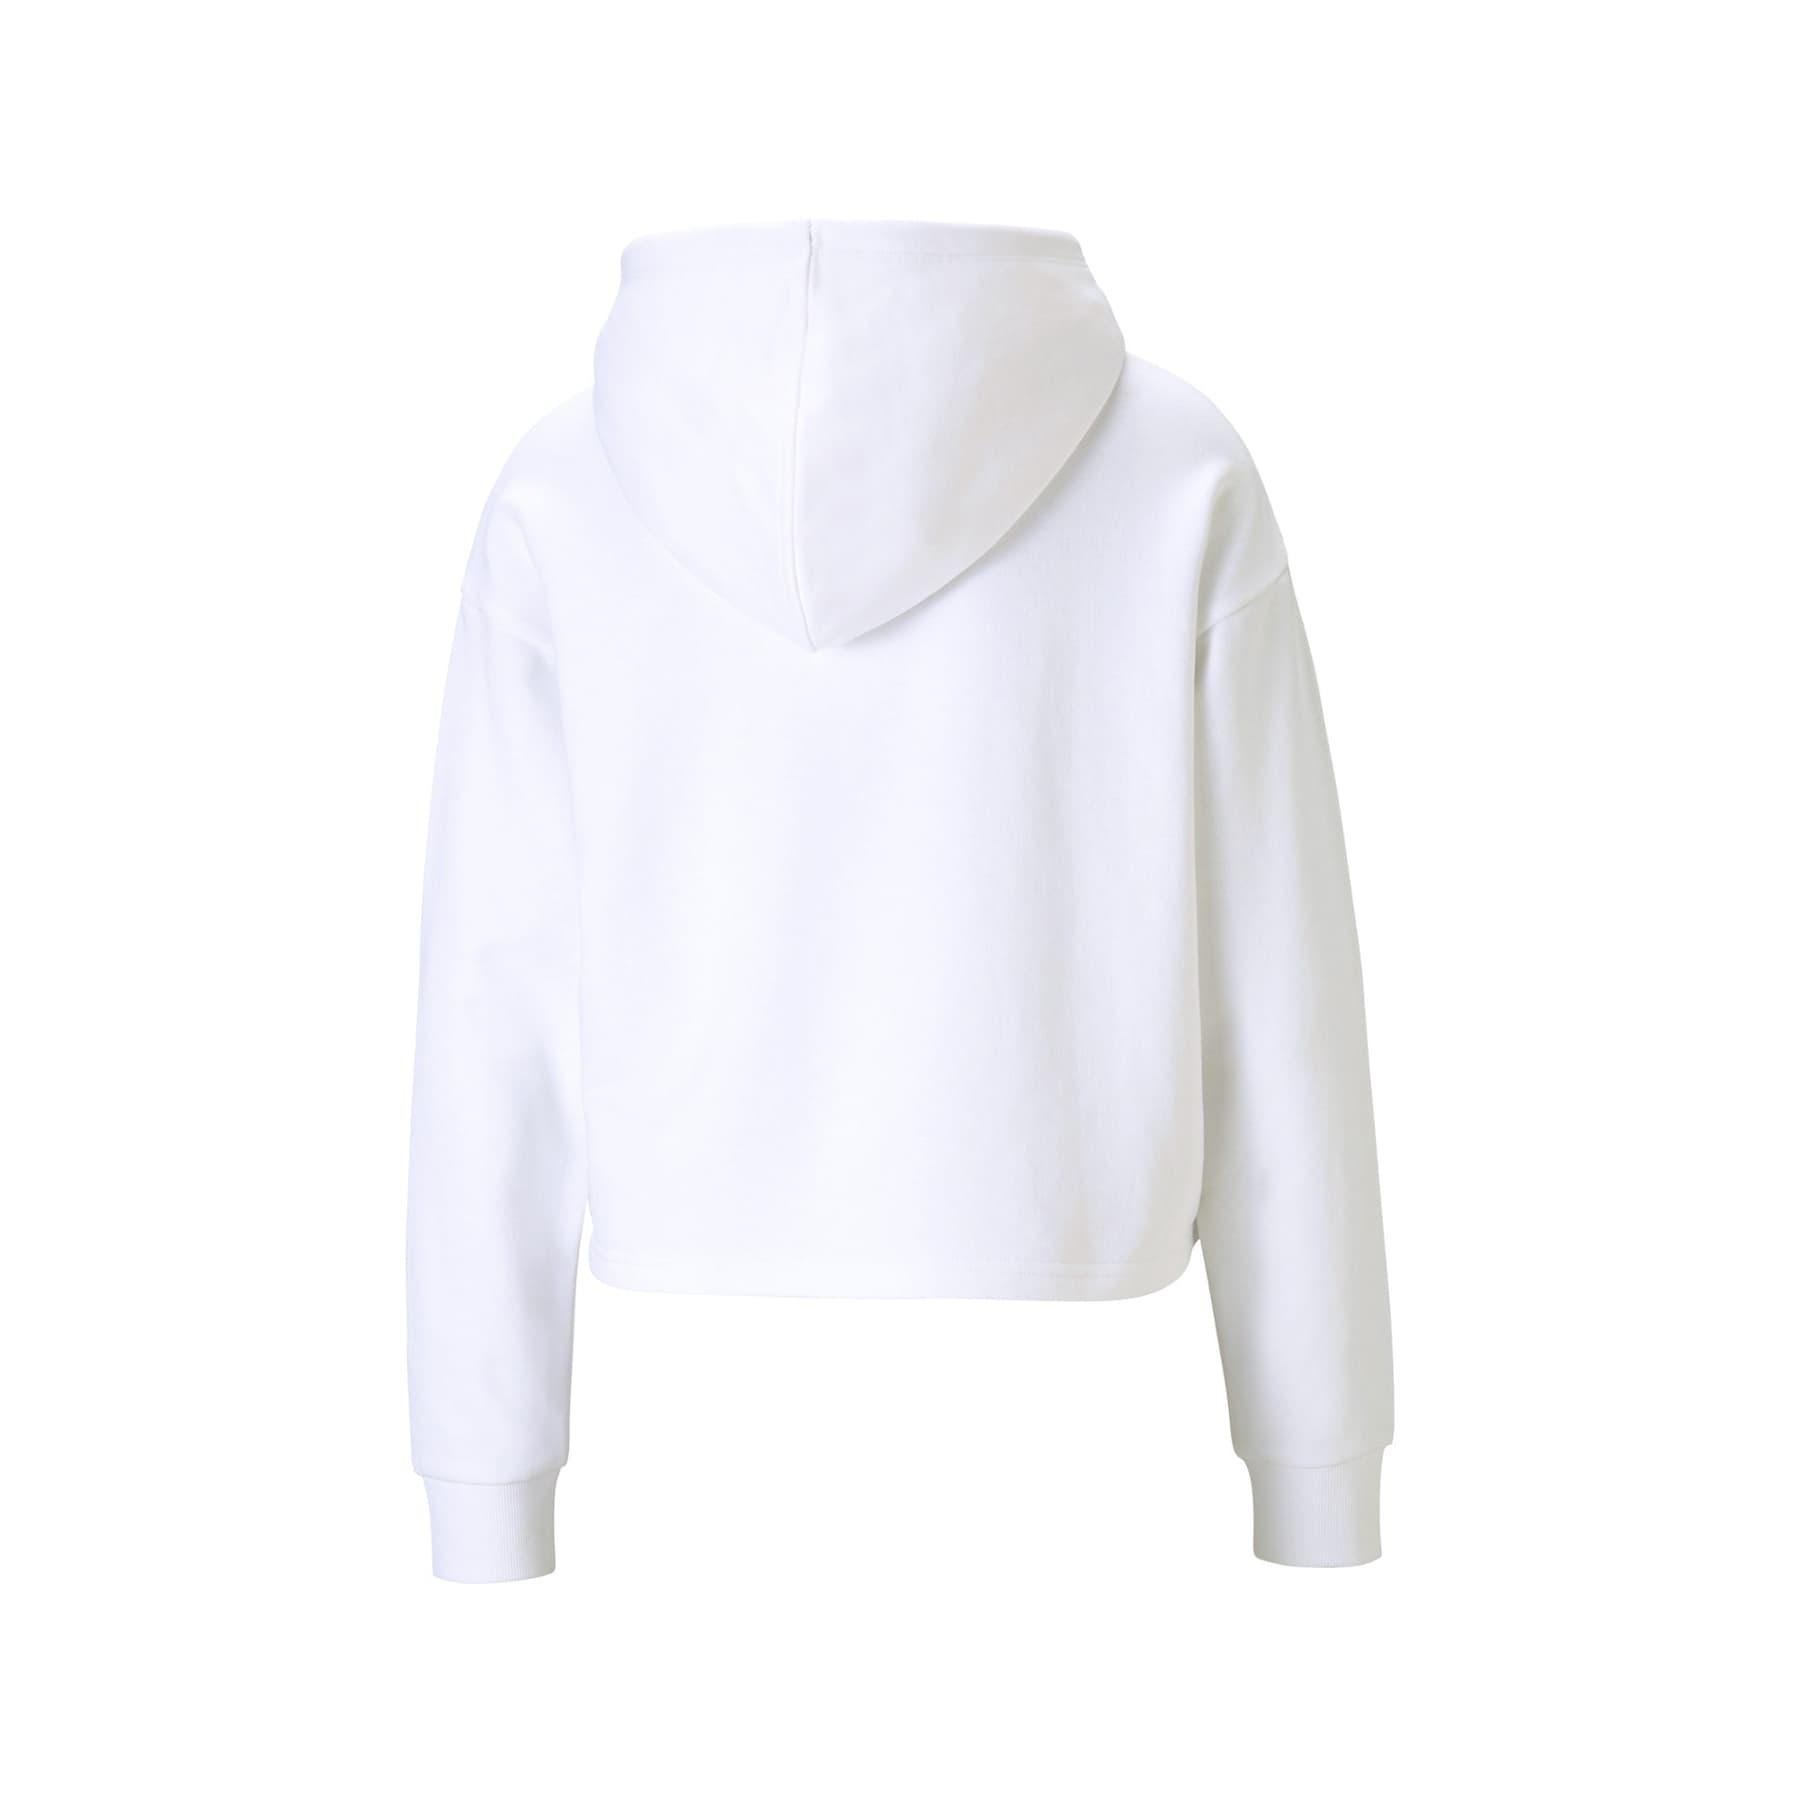 Essentials Cropped Kadın Beyaz Sweathirt (586892-02)